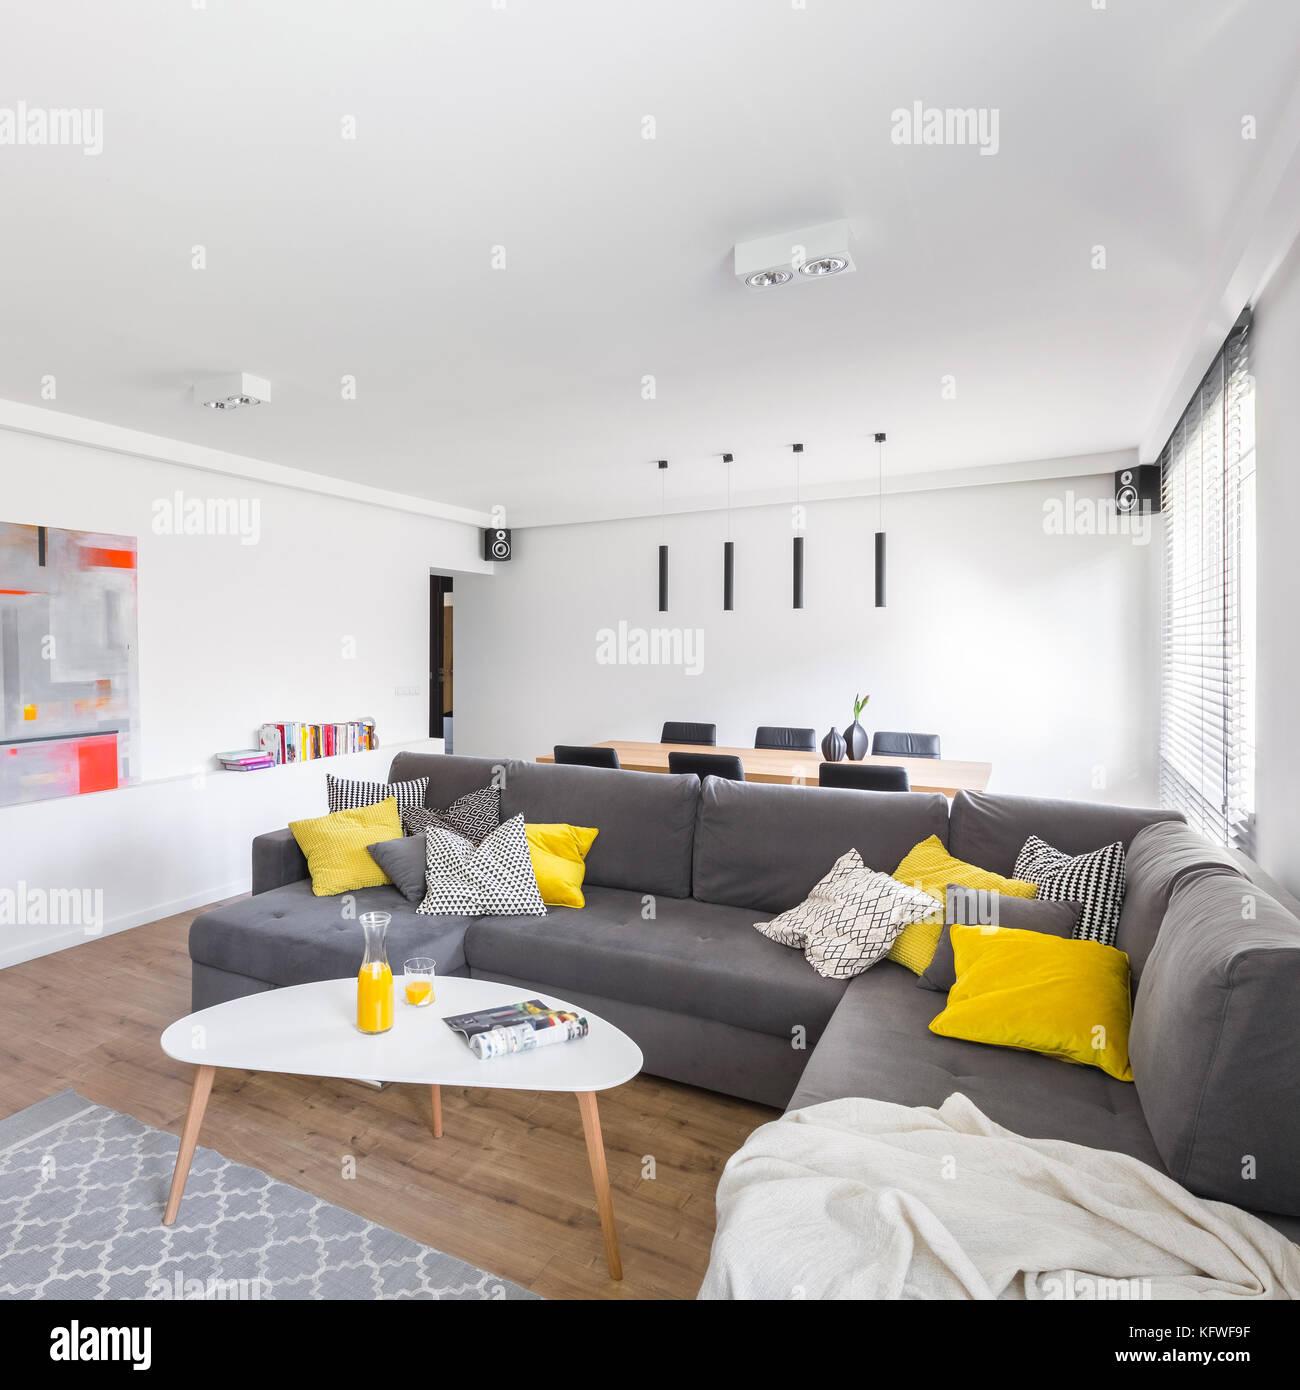 https www alamyimages fr photo image blanc moderne salle de sejour avec canape gris extra grand et elegant tableau 164673979 html